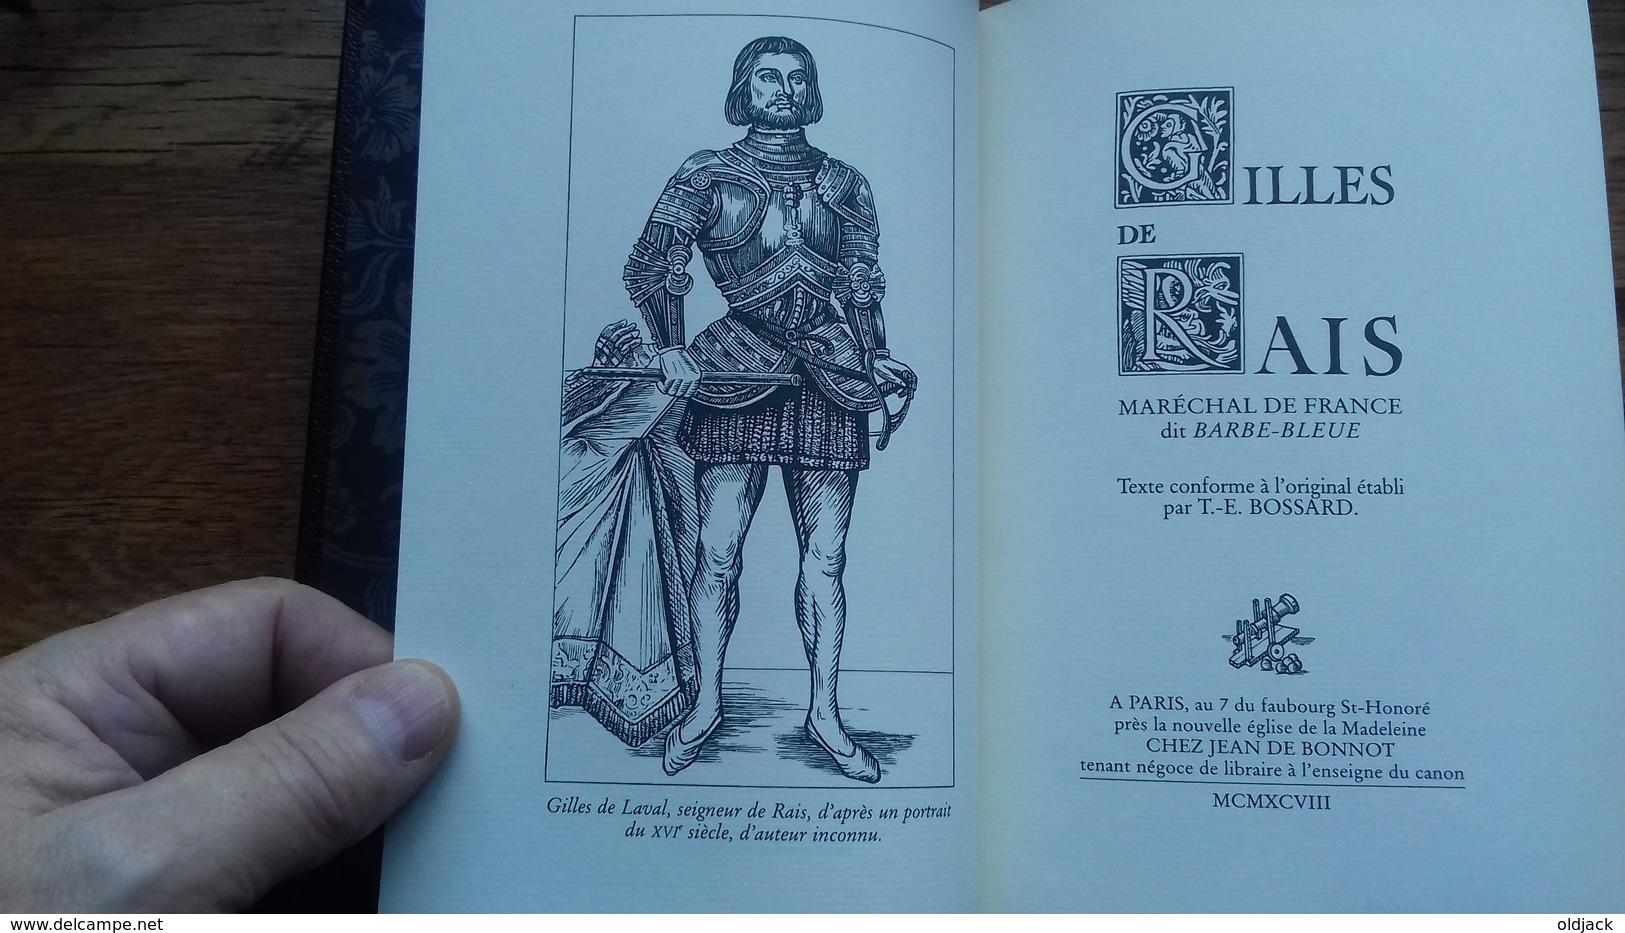 GILLES DE RAIS Maréchal De France Dit Barbe Bleue. (T.E. BOSSARD) JEAN DE BONNOT 1998.(107R13) - History